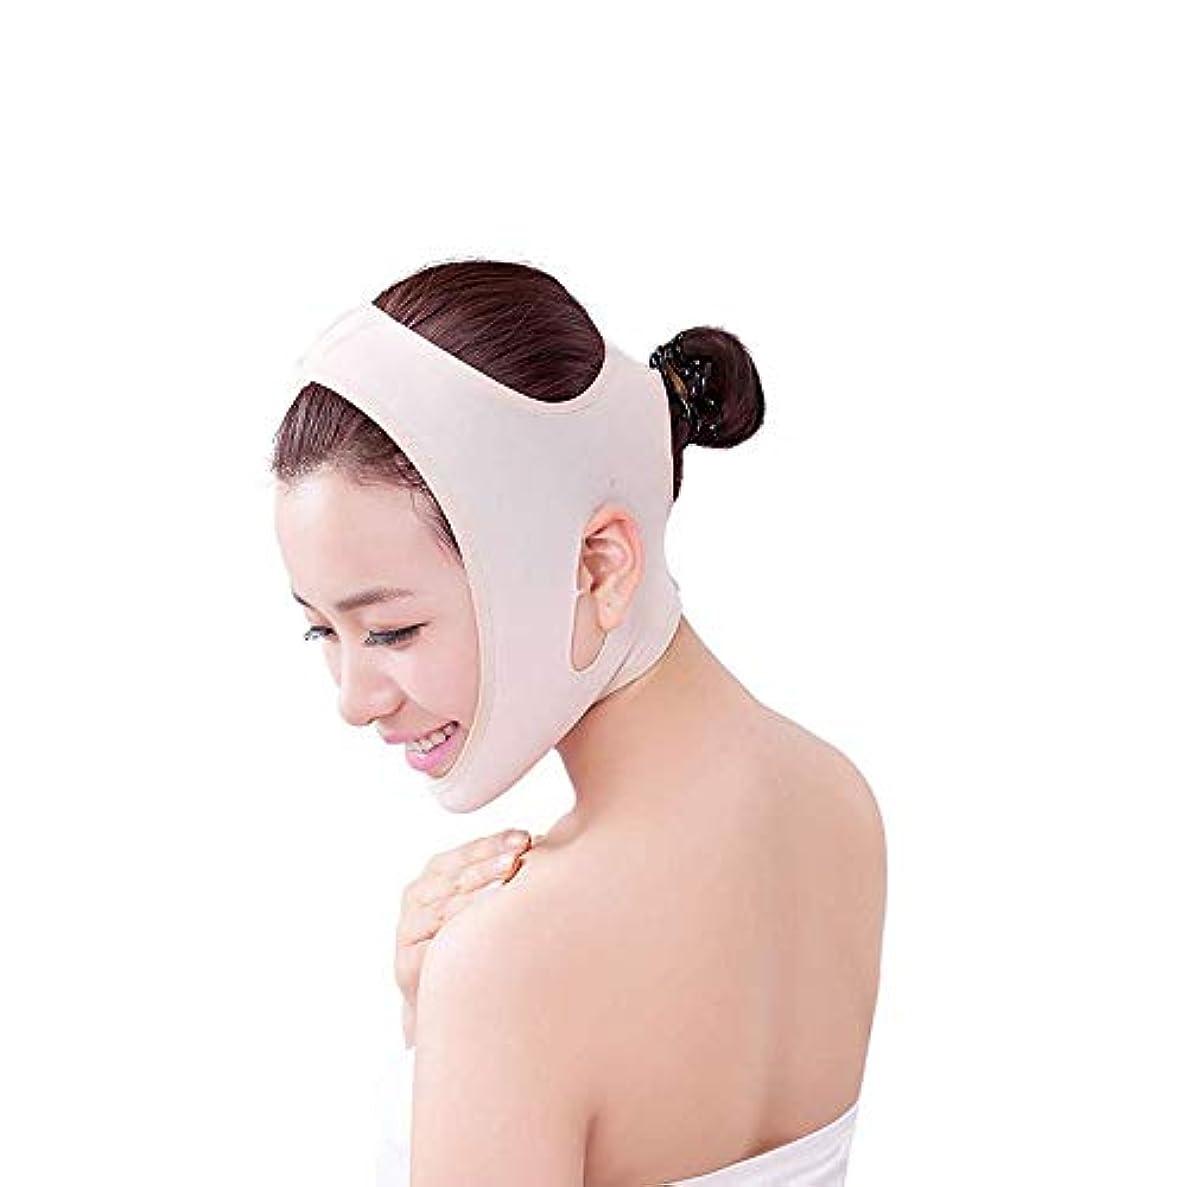 支店立法ランタンHEMFV 薄い顔ベルト - Vフェイススリム包帯スキンケアリフトはThiningベルトをマスク二重あごフェイスを削減します